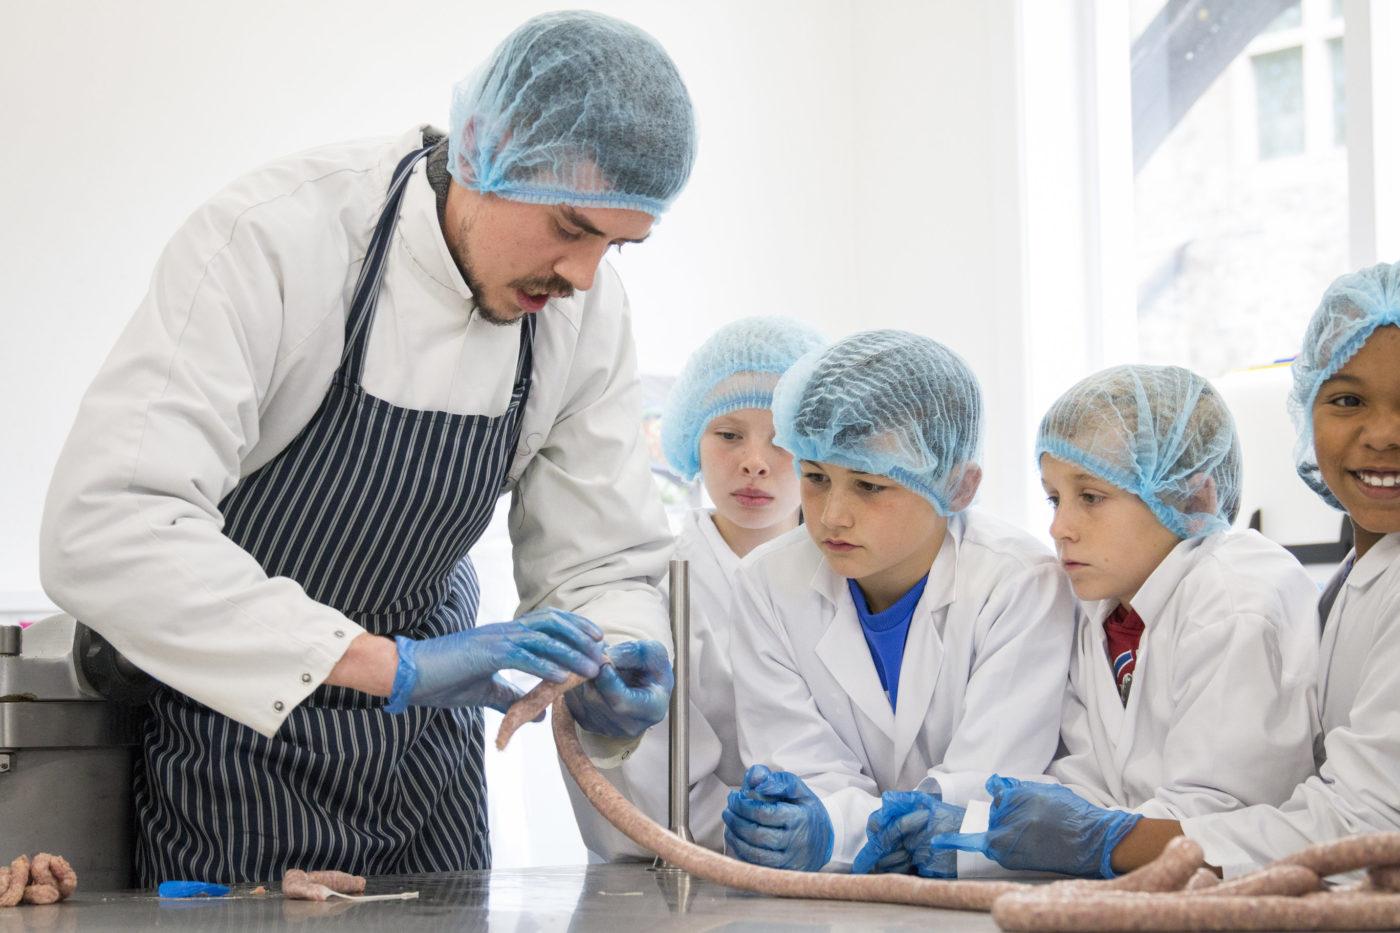 Teaching sausage making